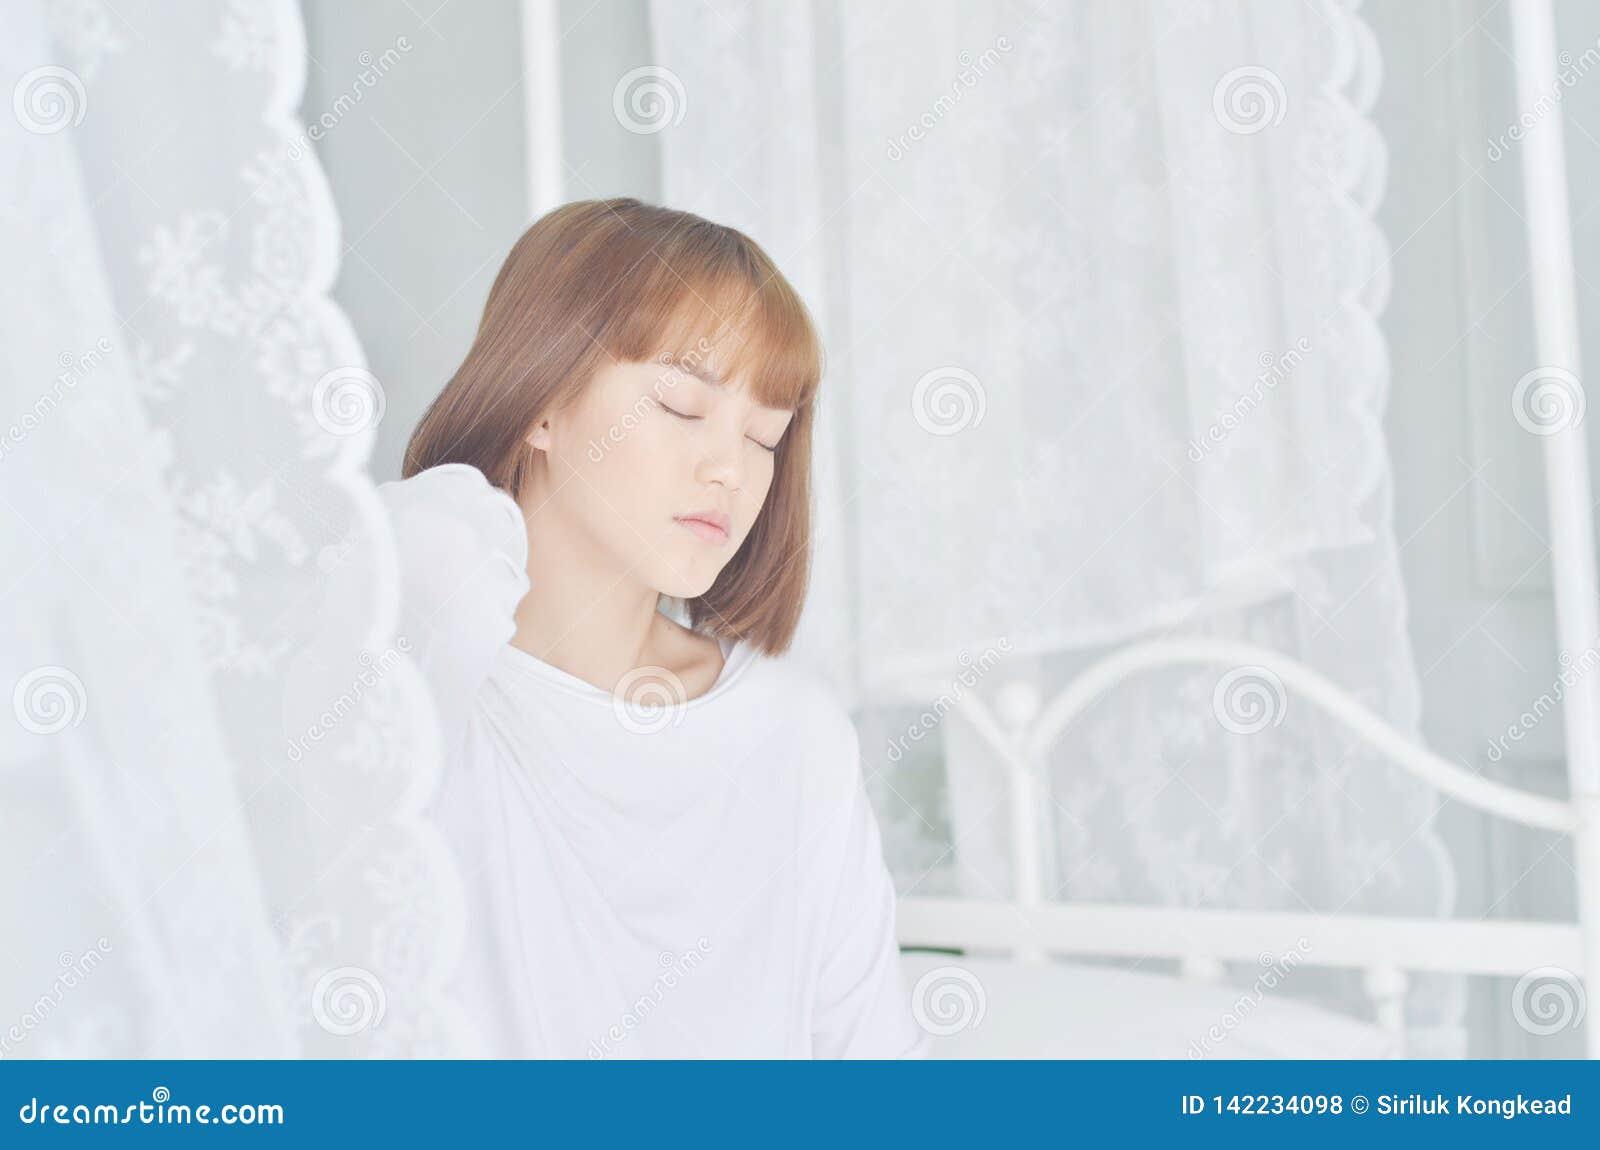 Kvinnor som bär vita skjortor vaknade precis, upp